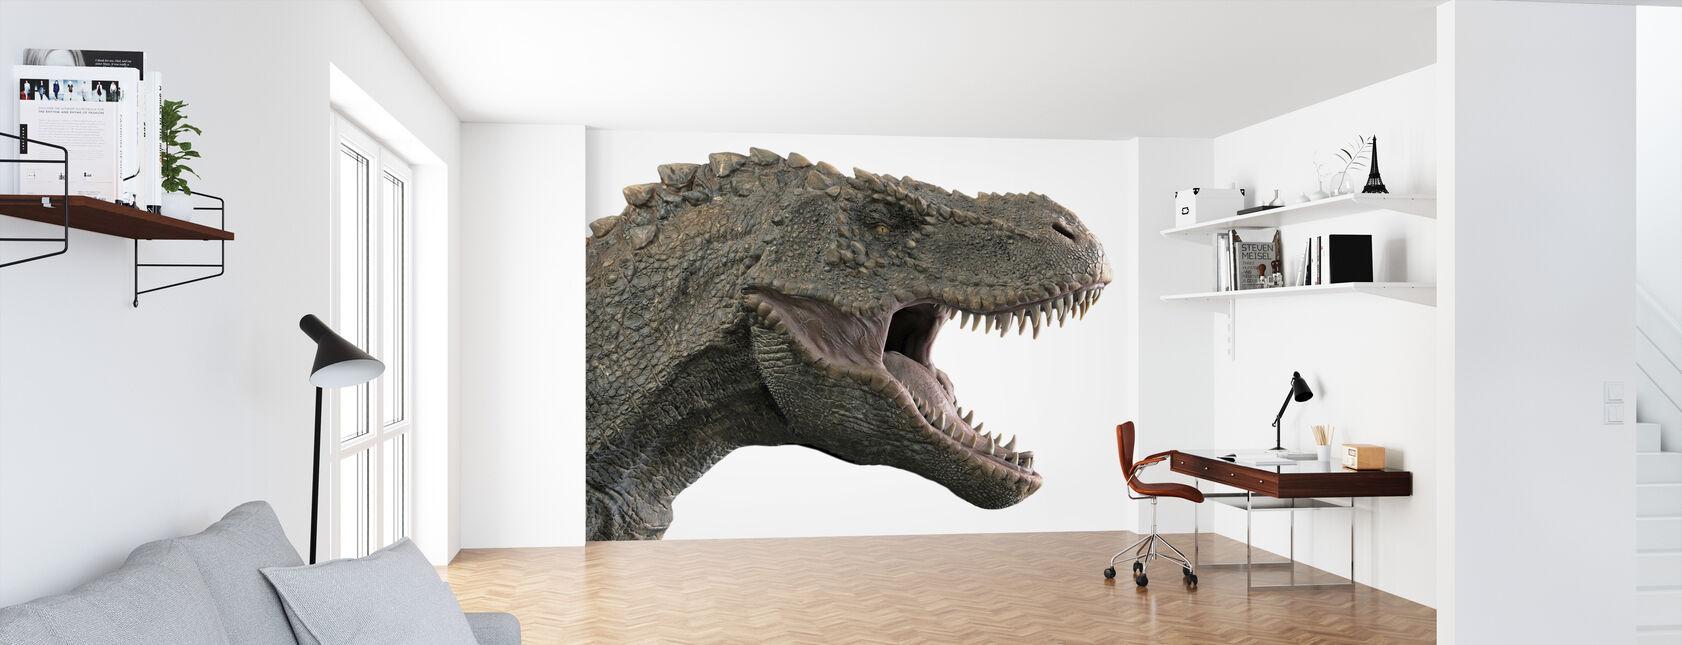 T-Rex Dinosaur - Wallpaper - Office